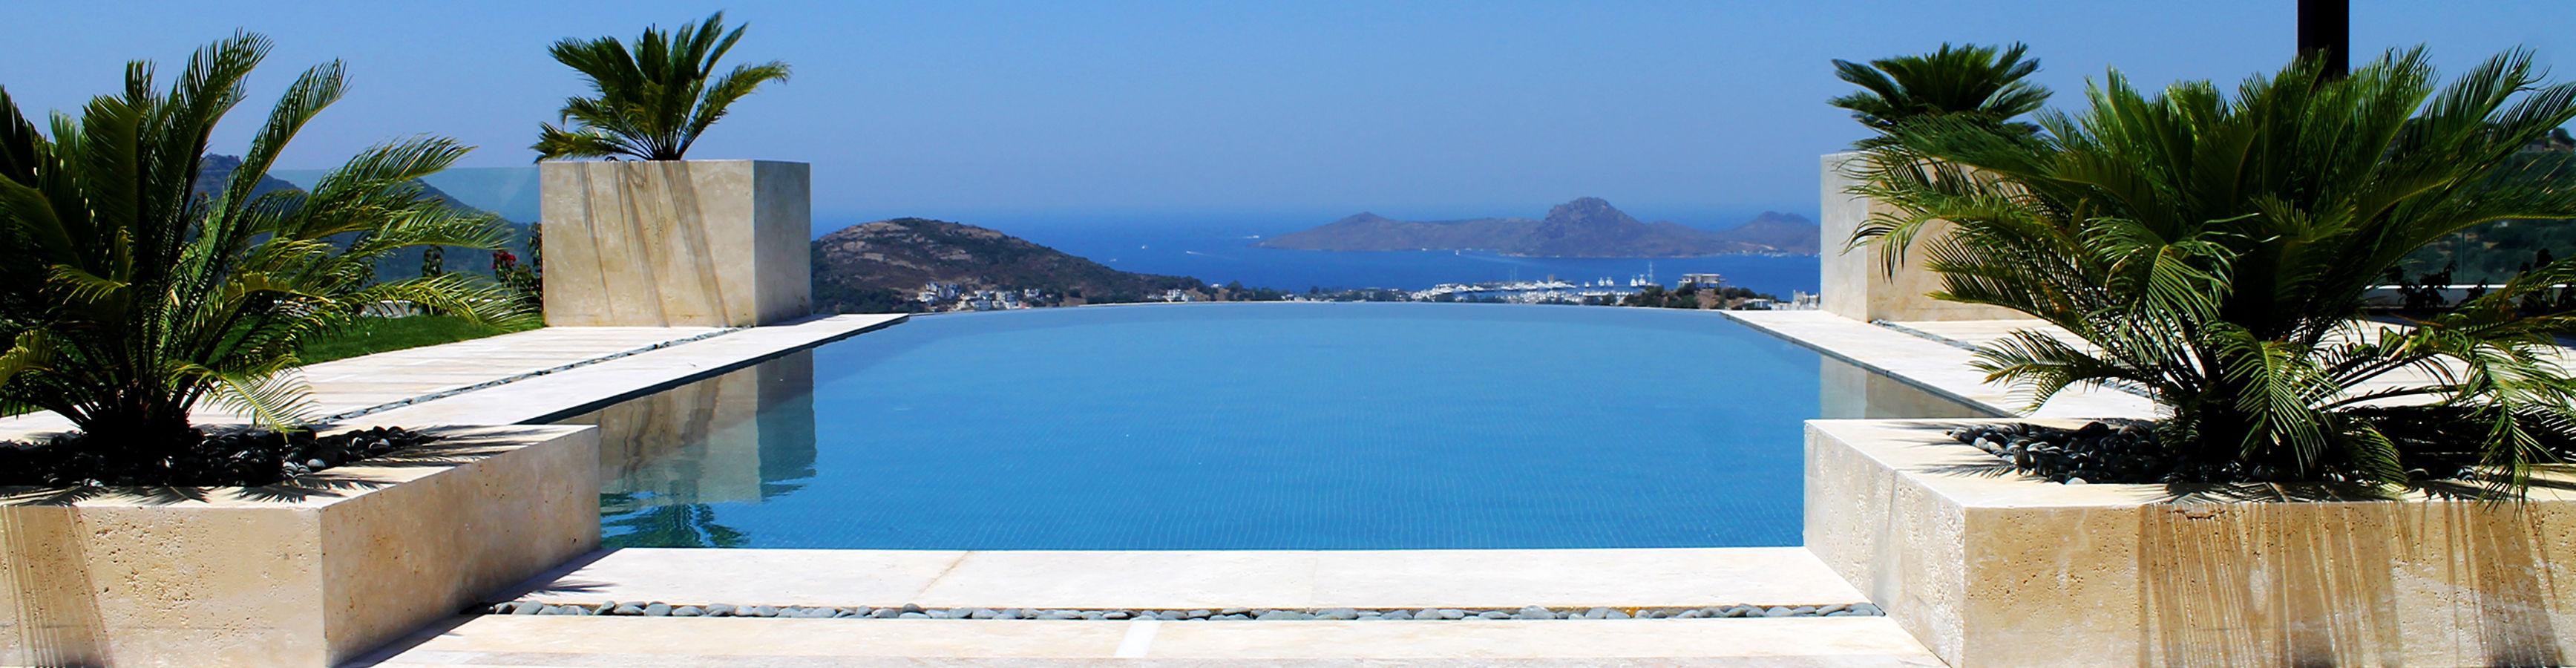 Exclusieve luxe villa Bodrum Yalıkavak schitterend uitzicht privé zwembad